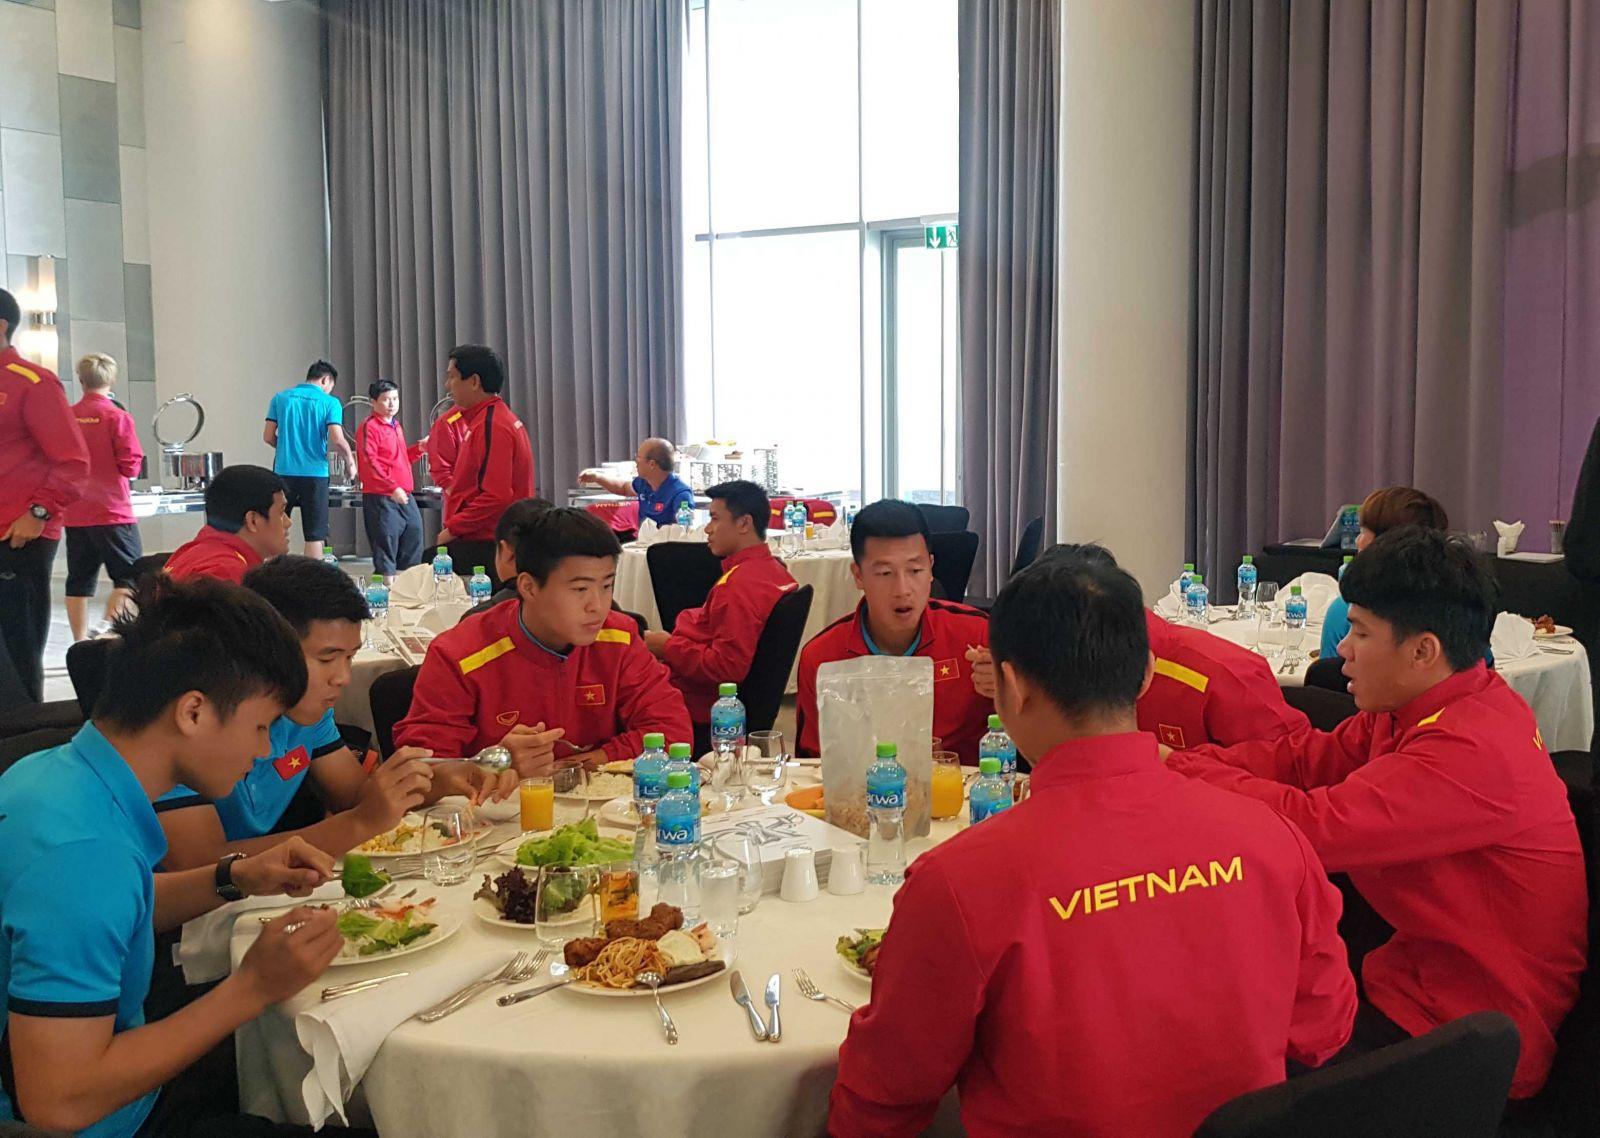 bóng đá Việt Nam, tin tức bóng đá, UAE, vòng loại World Cup, đội tuyển Việt Nam, Park Hang Seo, Việt Nam vs Indonesia, V-League, lịch thi đấu vòng 11 V-League